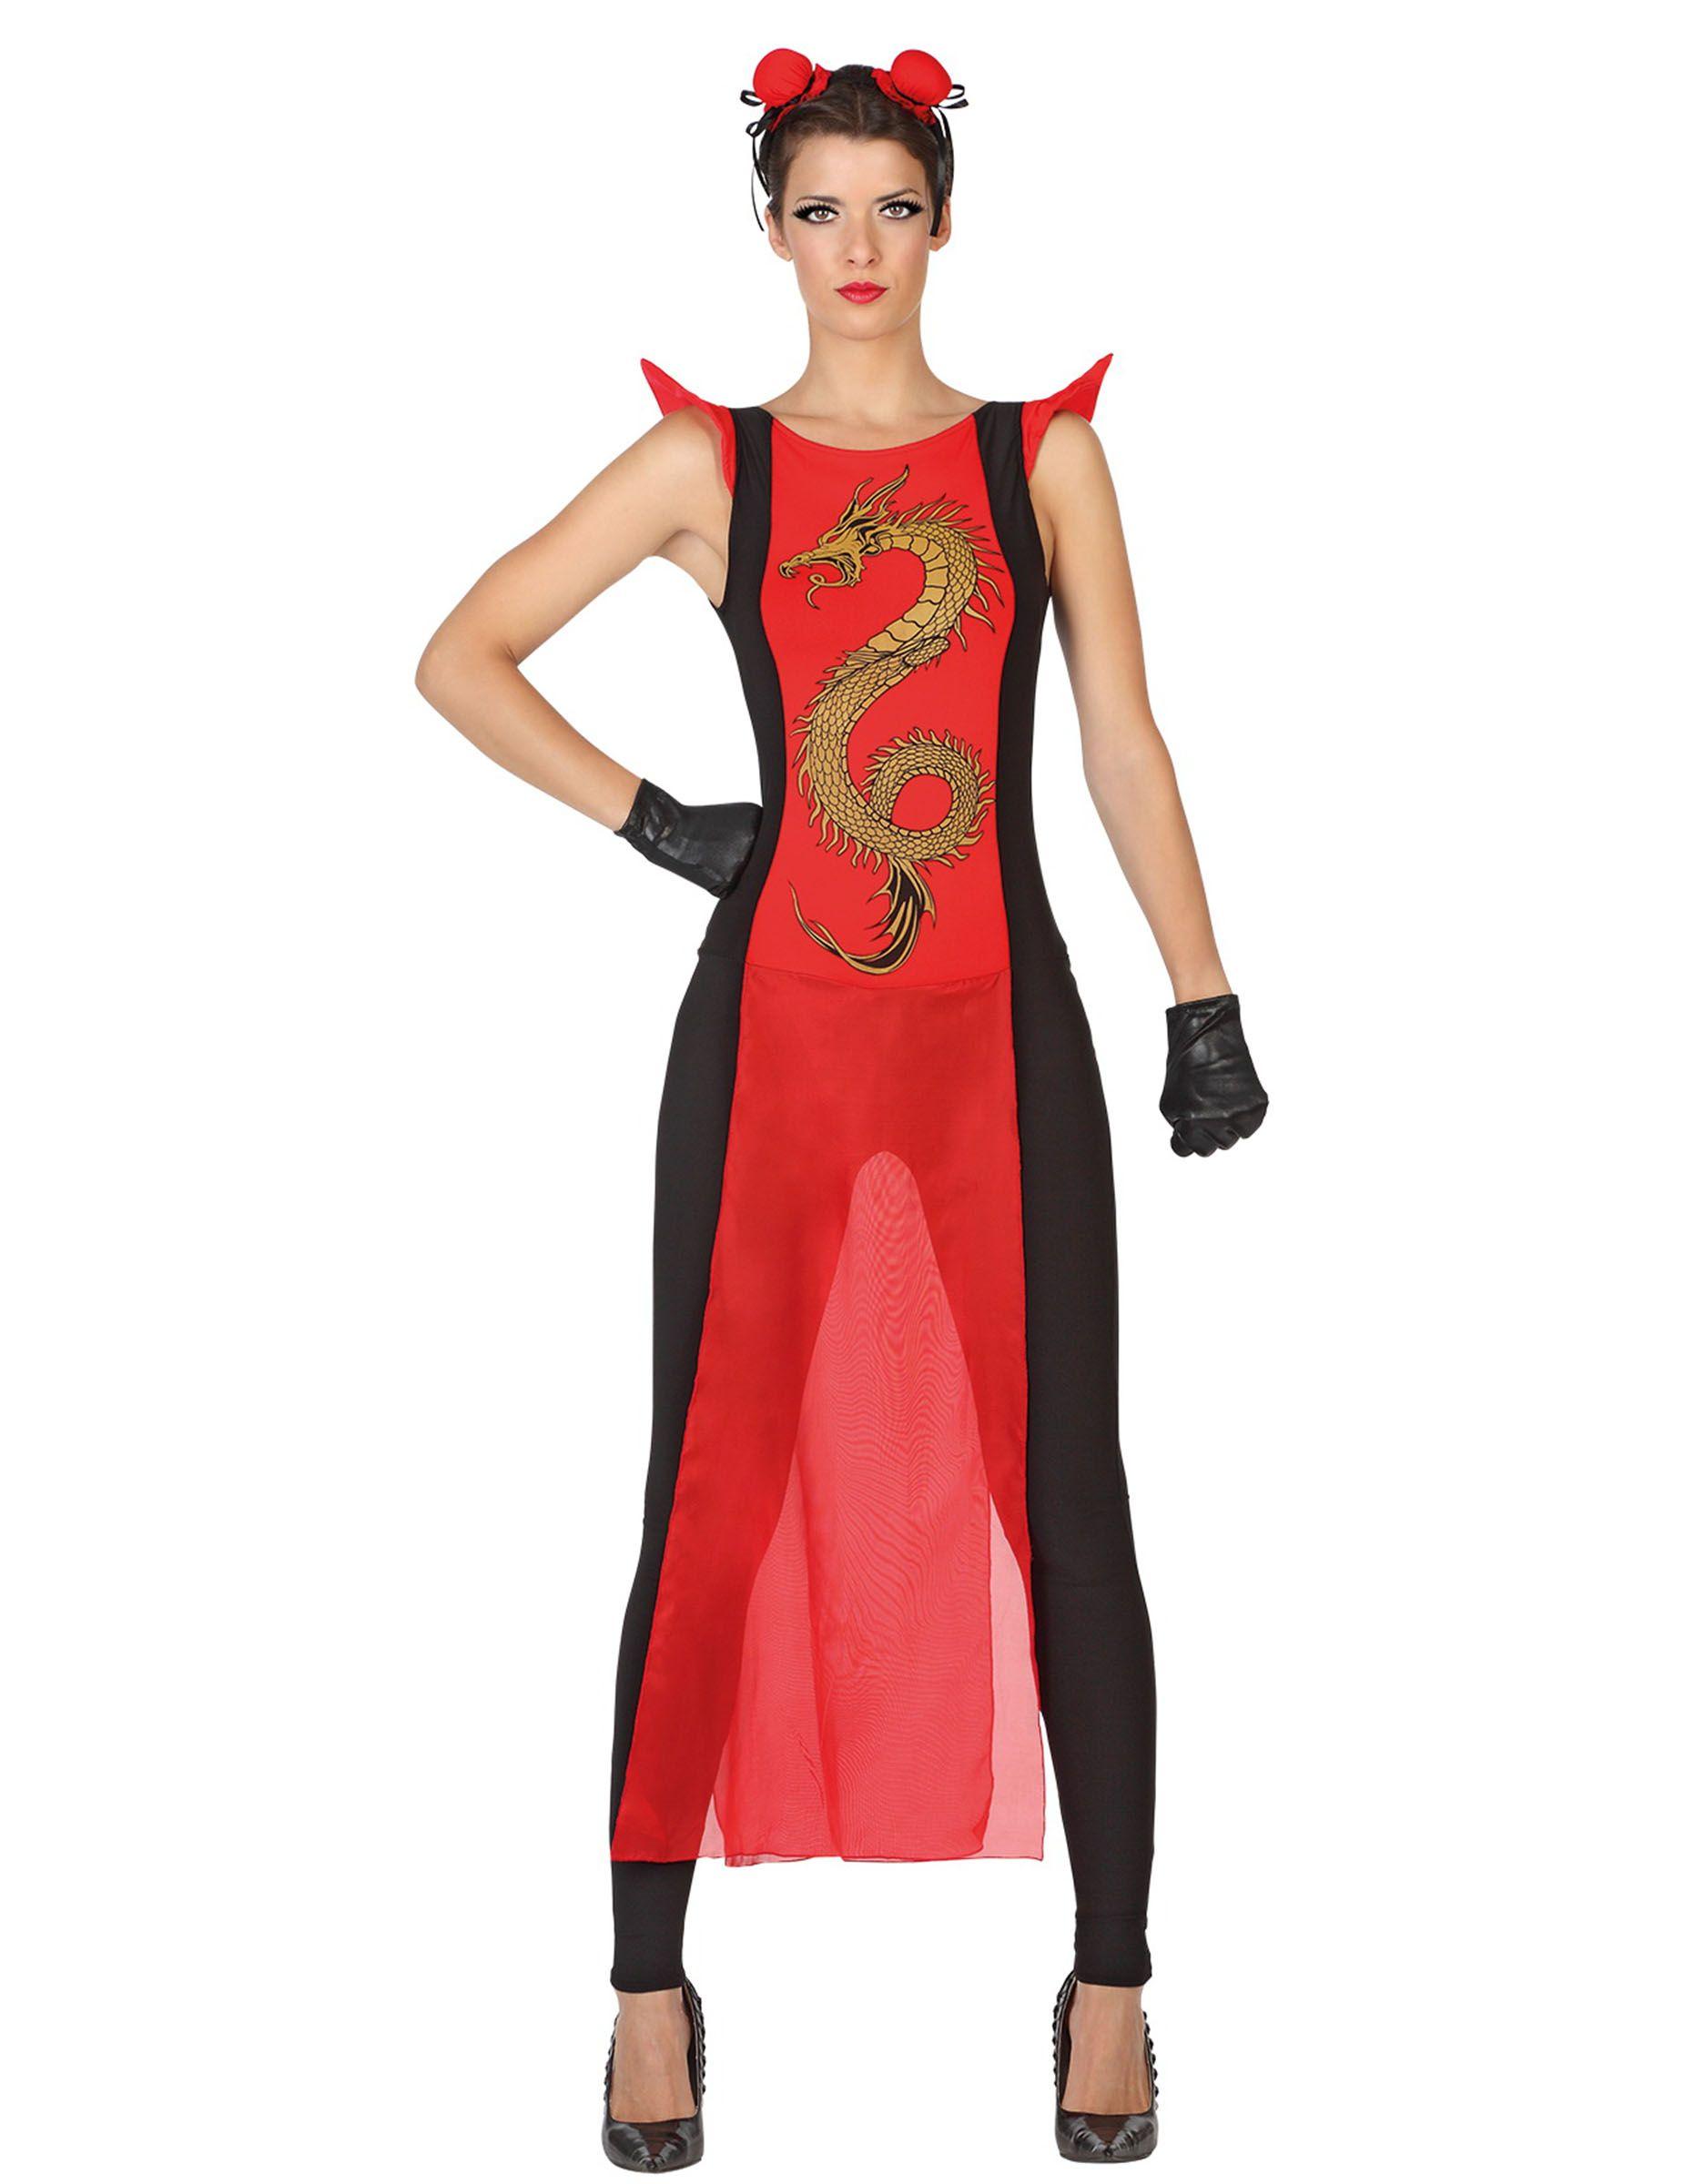 Disfraz samurai mujer  Este disfraz para adulto incluye traje y diadema ( guantes y zapatos 34d1dcfd3c63